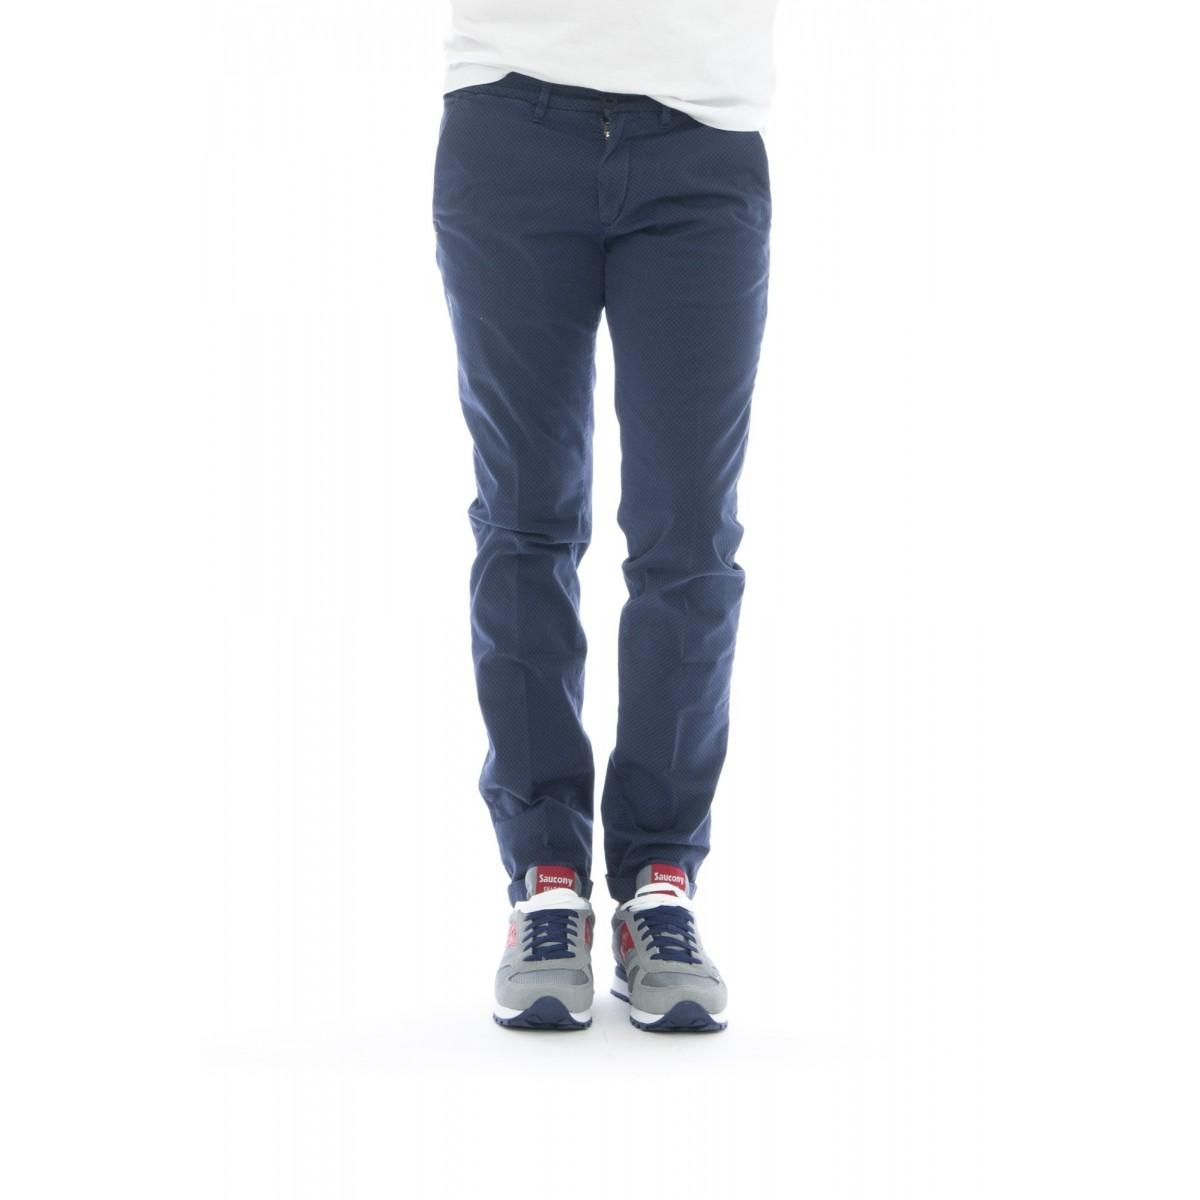 Pantalone uomo - Lenny 1121 micro fantasia vichy